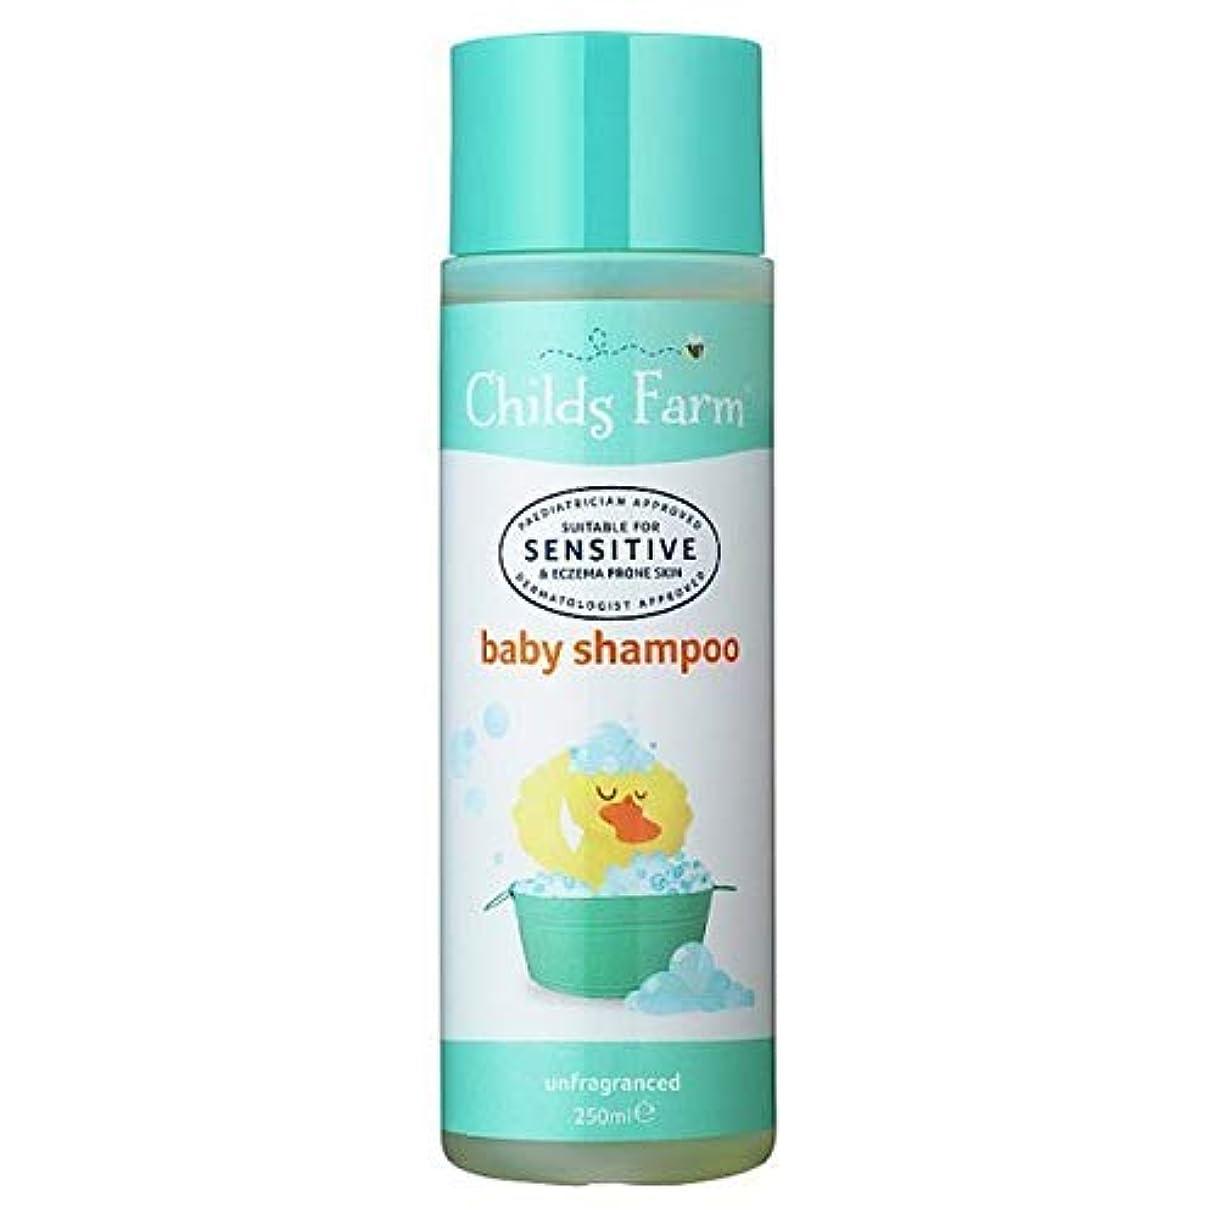 要求する最高汚染された[Childs Farm ] チャイルズファームベビーシャンプー250Ml - Childs Farm Baby Shampoo 250ml [並行輸入品]